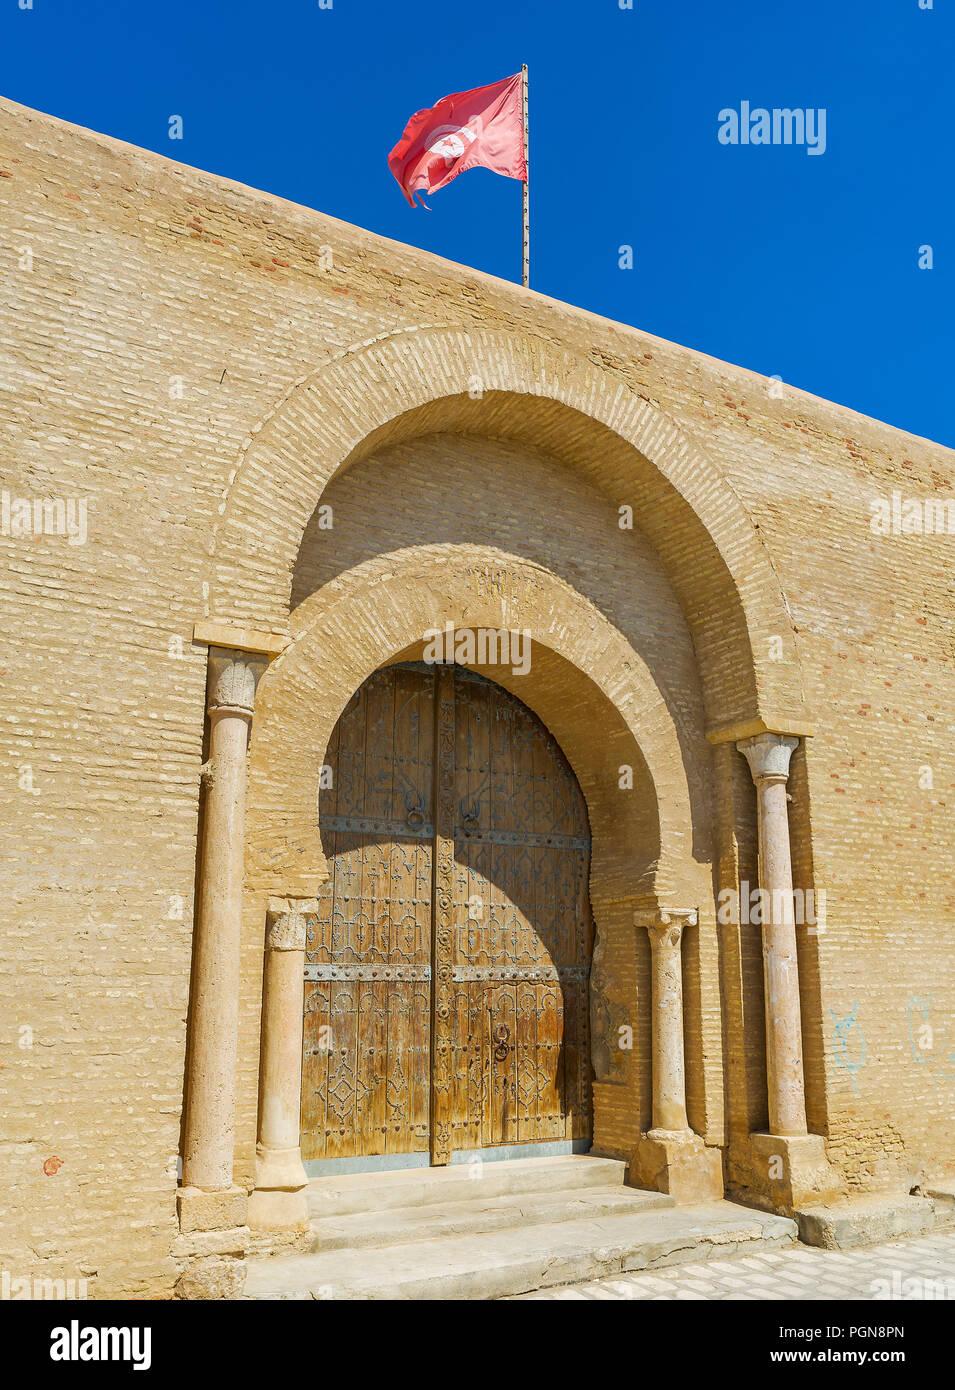 La doble puerta de herradura Záwiya de Sidi Amor Abbada - complejo histórico con el Mausoleo y Museo histórico medieval, Kairouan, Túnez. Foto de stock